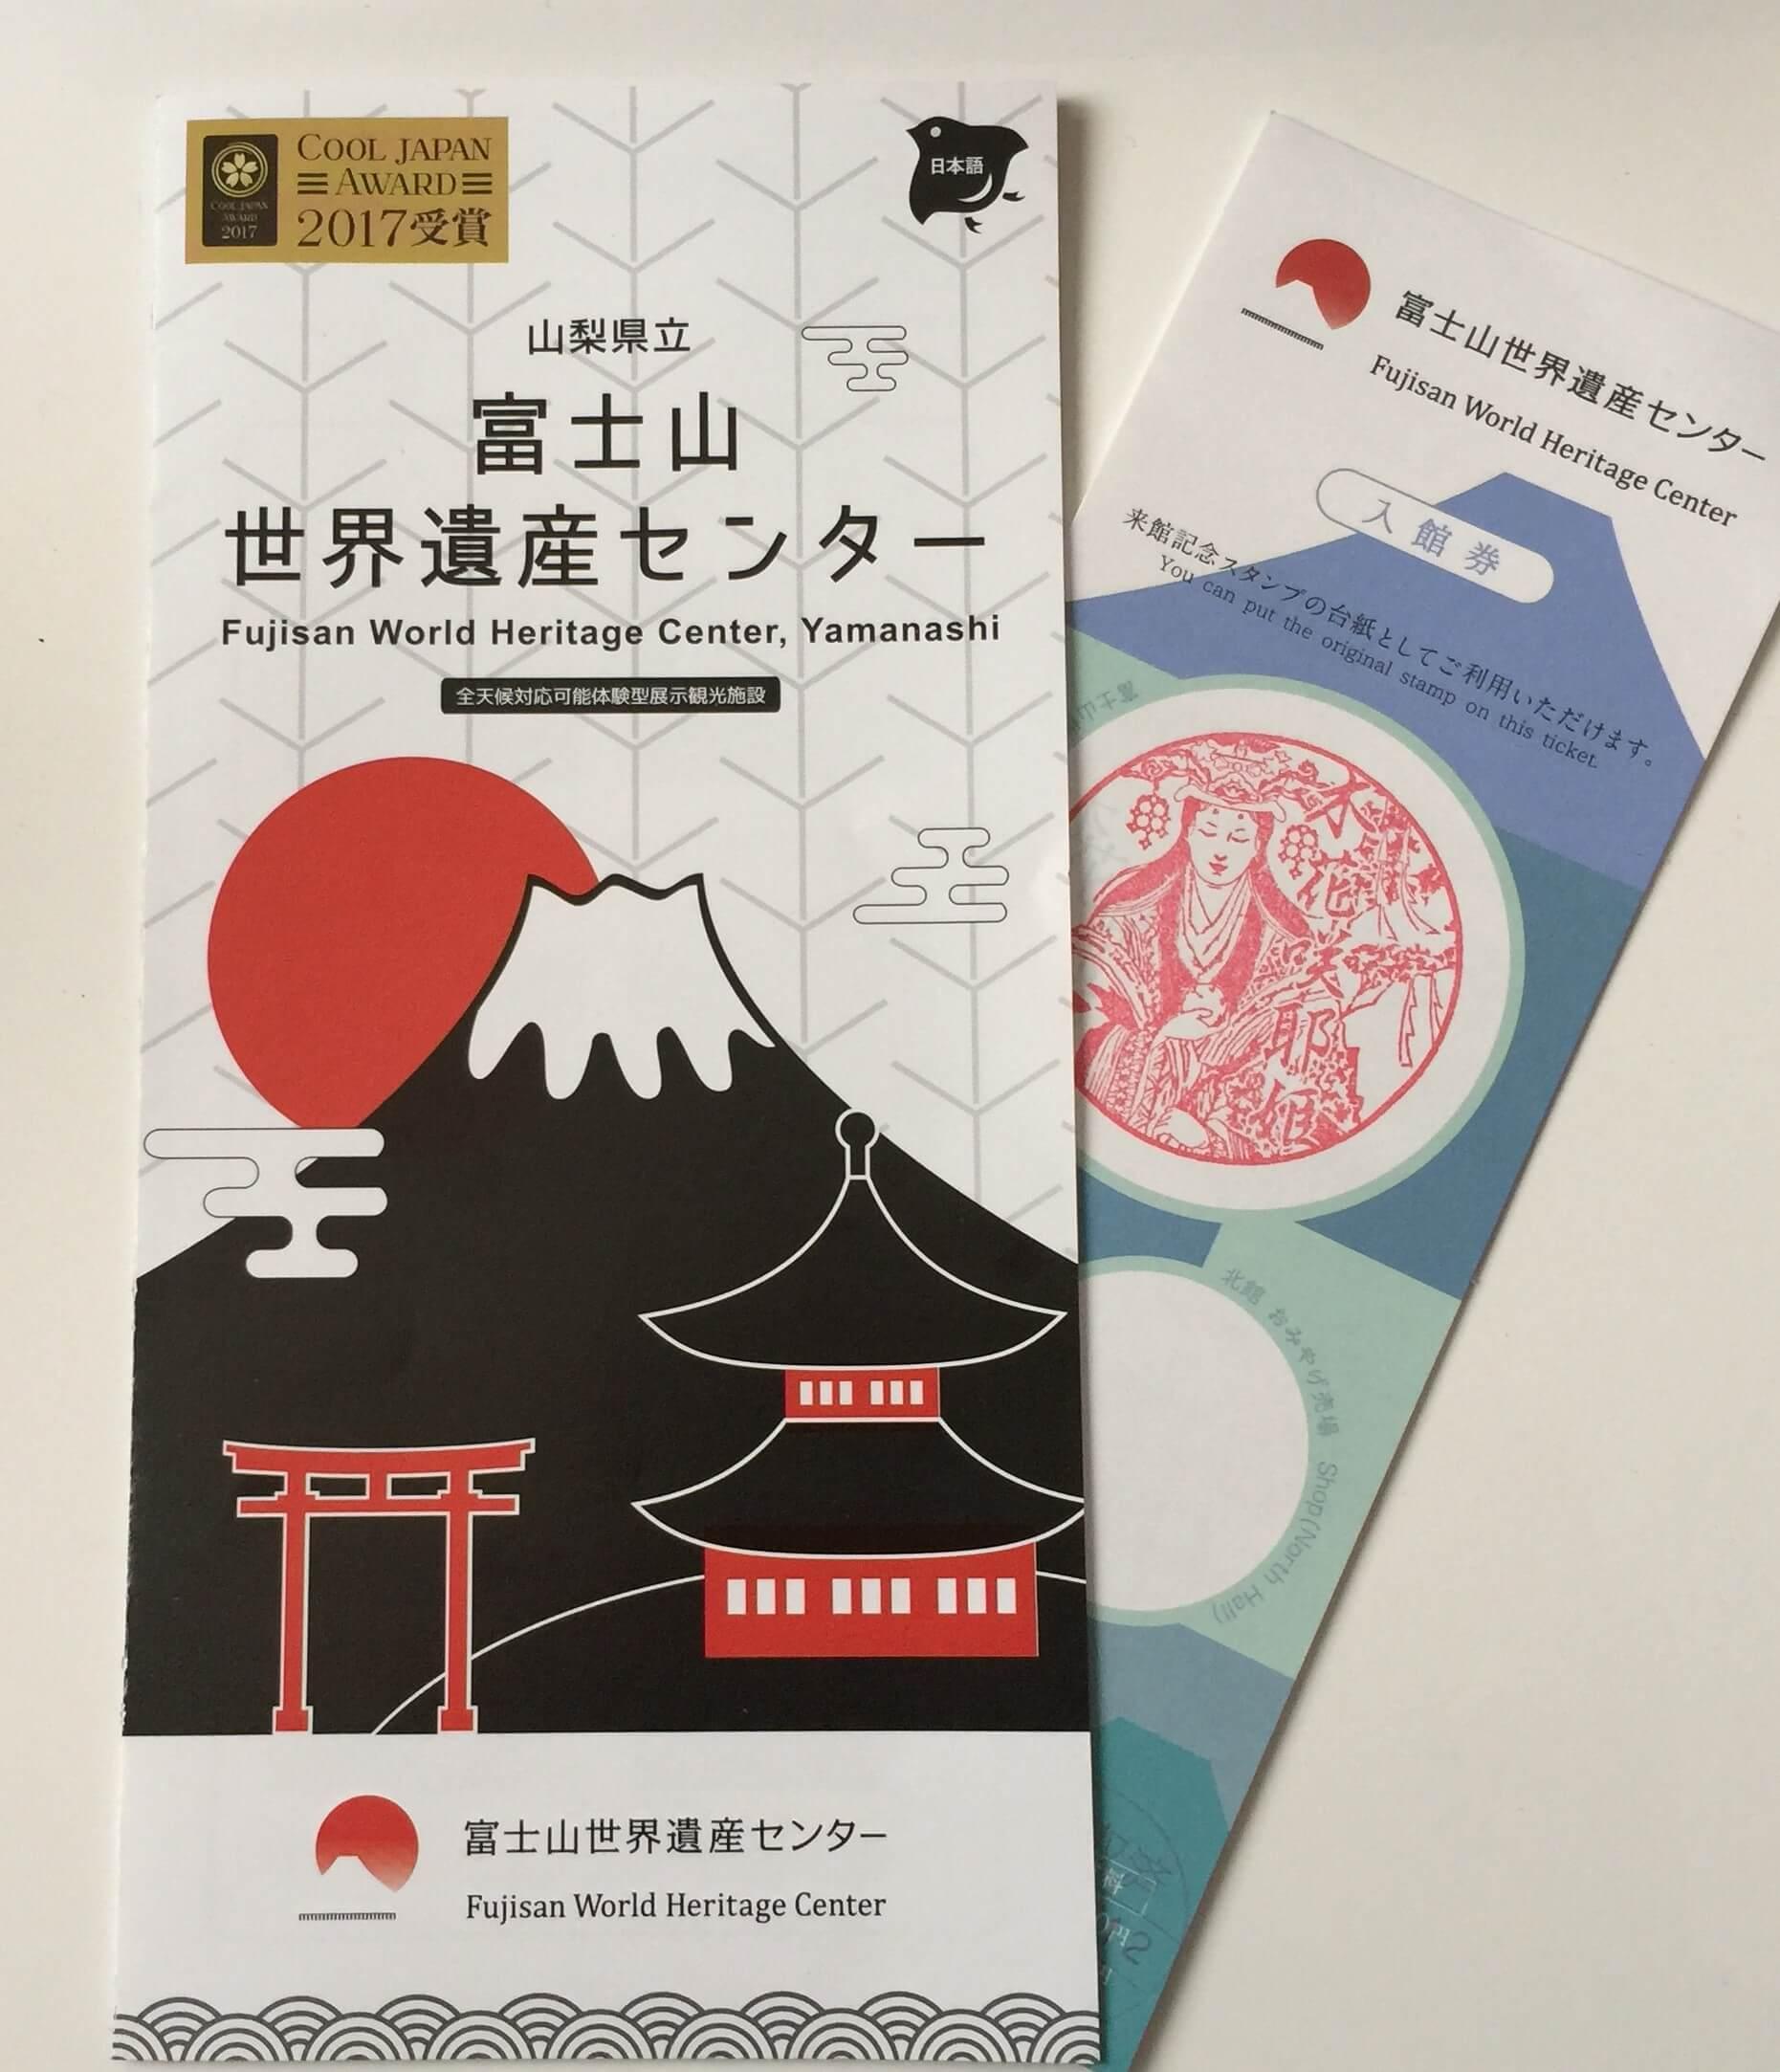 富士山世界遺産センター山梨子供連れ